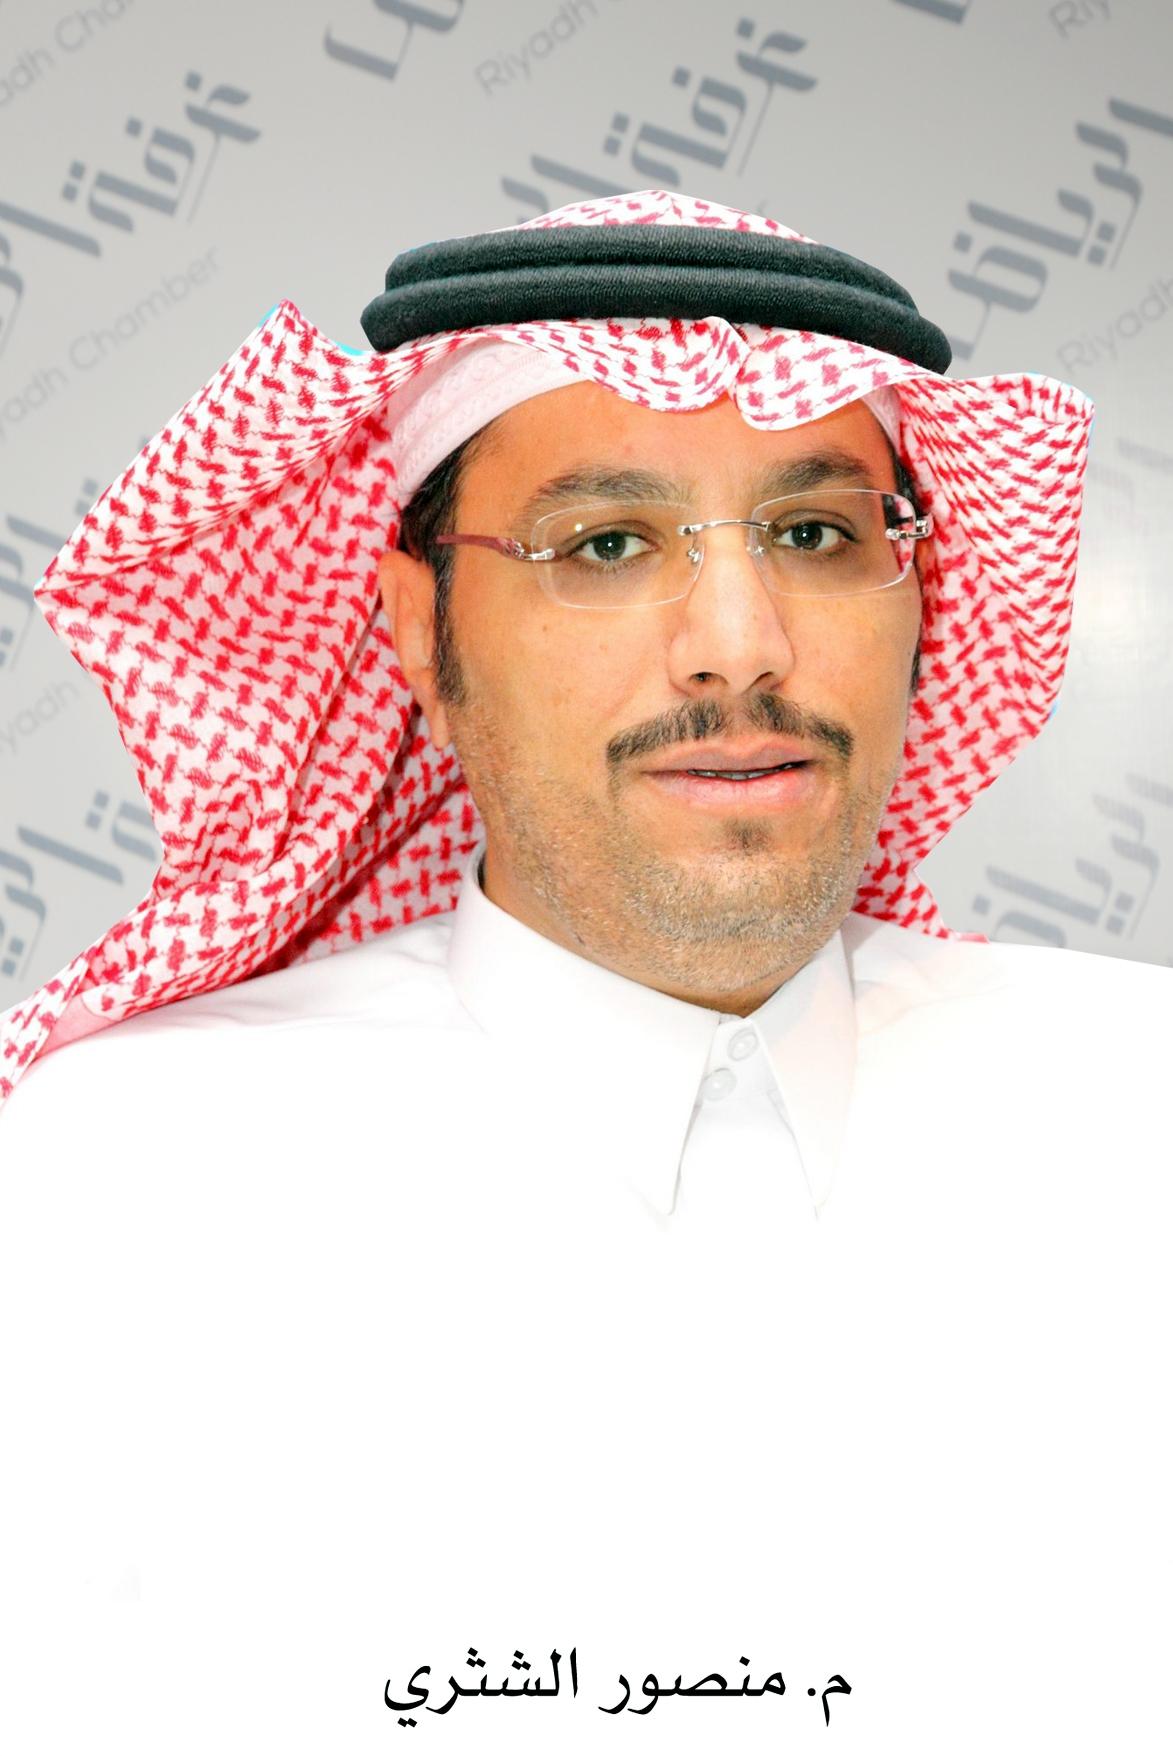 غرفة الرياض: إطلاق برنامج مجاني لتأهيل 1000 شاب وفتاة في مجال محاسبة الزكاة والضرائب